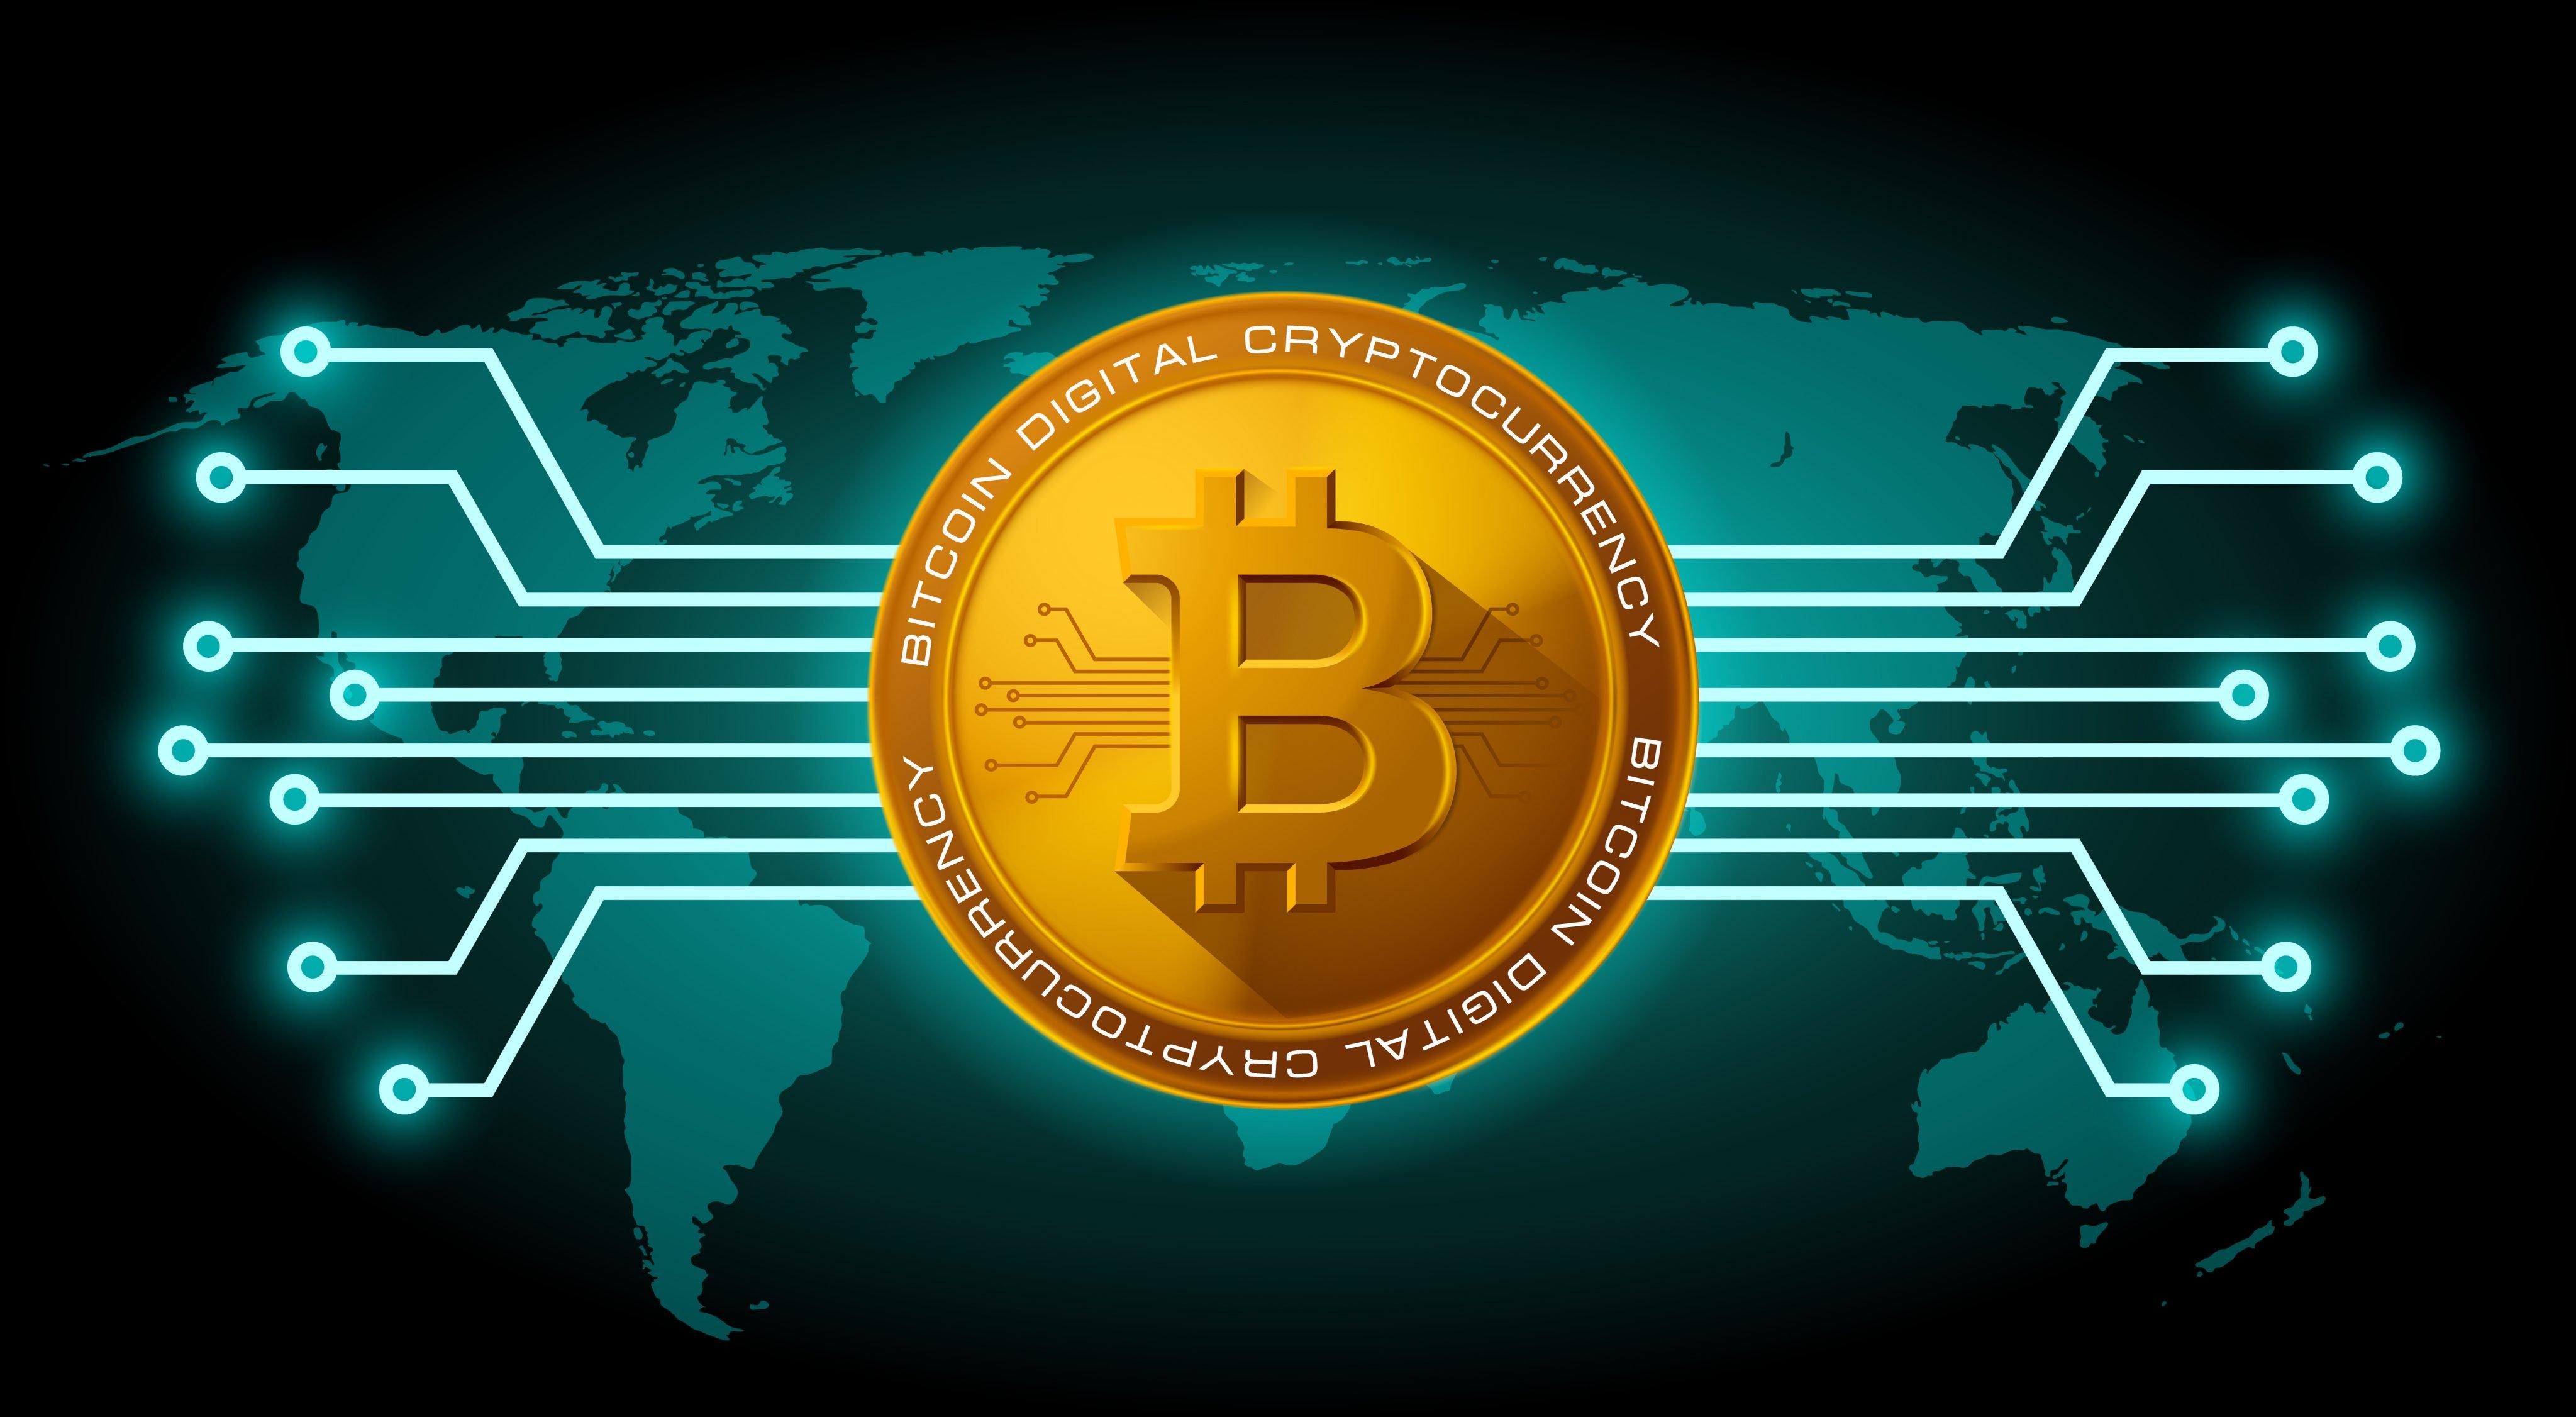 نقاط تهمك عن العملات الرقمية والبيتكوين